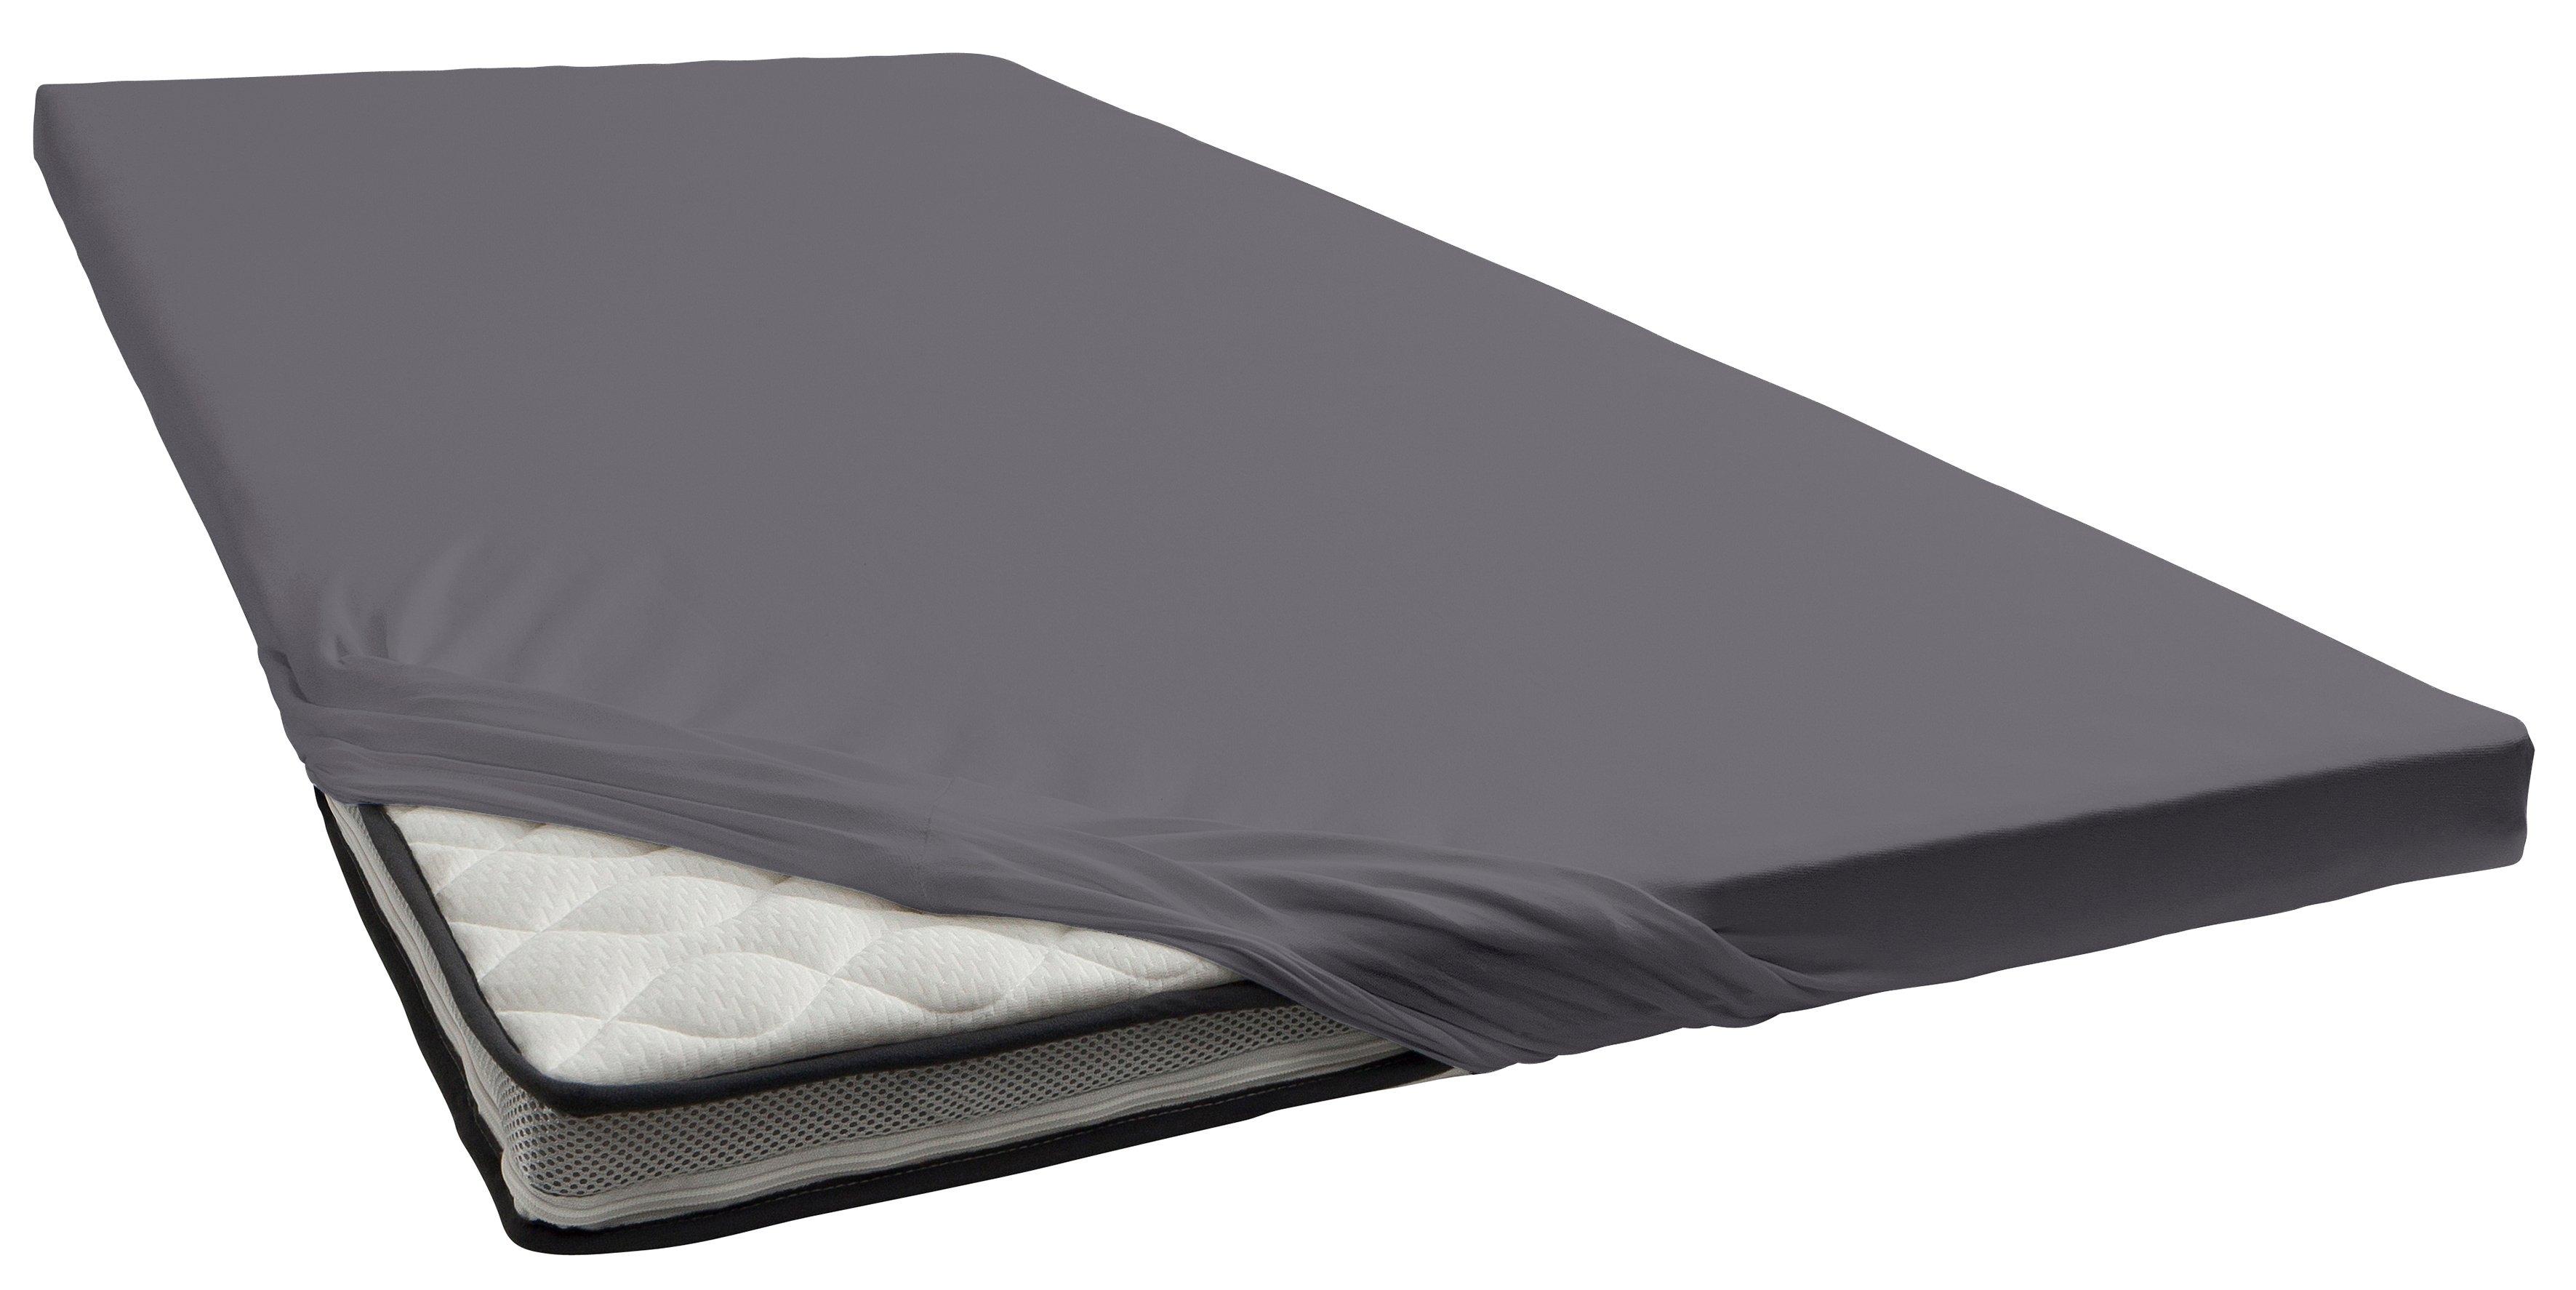 bellana hoeslaken Jersey-elastan deluxe voor topmatras op boxsprings (1 stuk) online kopen op otto.nl